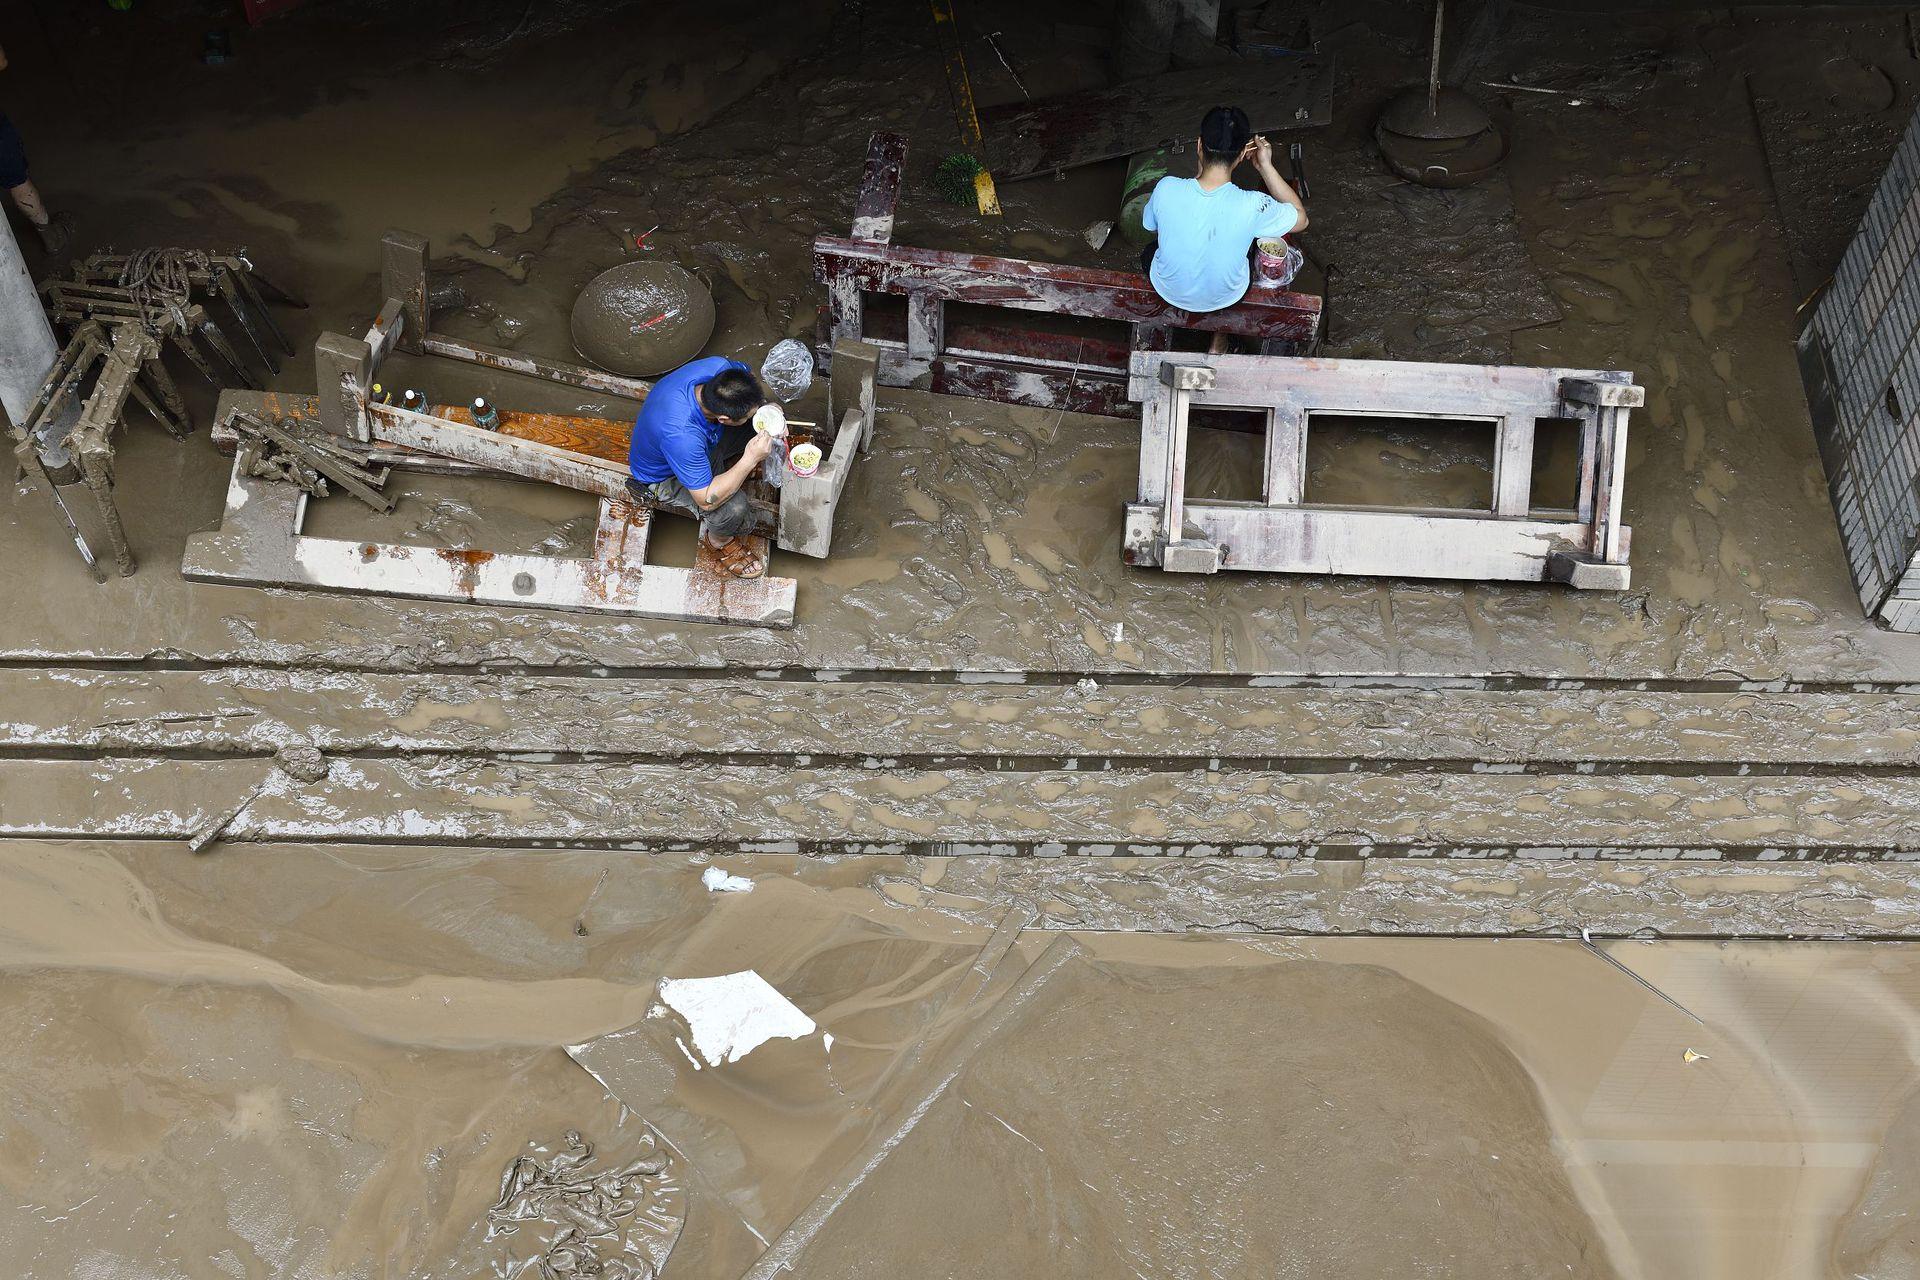 一家被淹的商家内,两位工作人员正在吃盒饭。